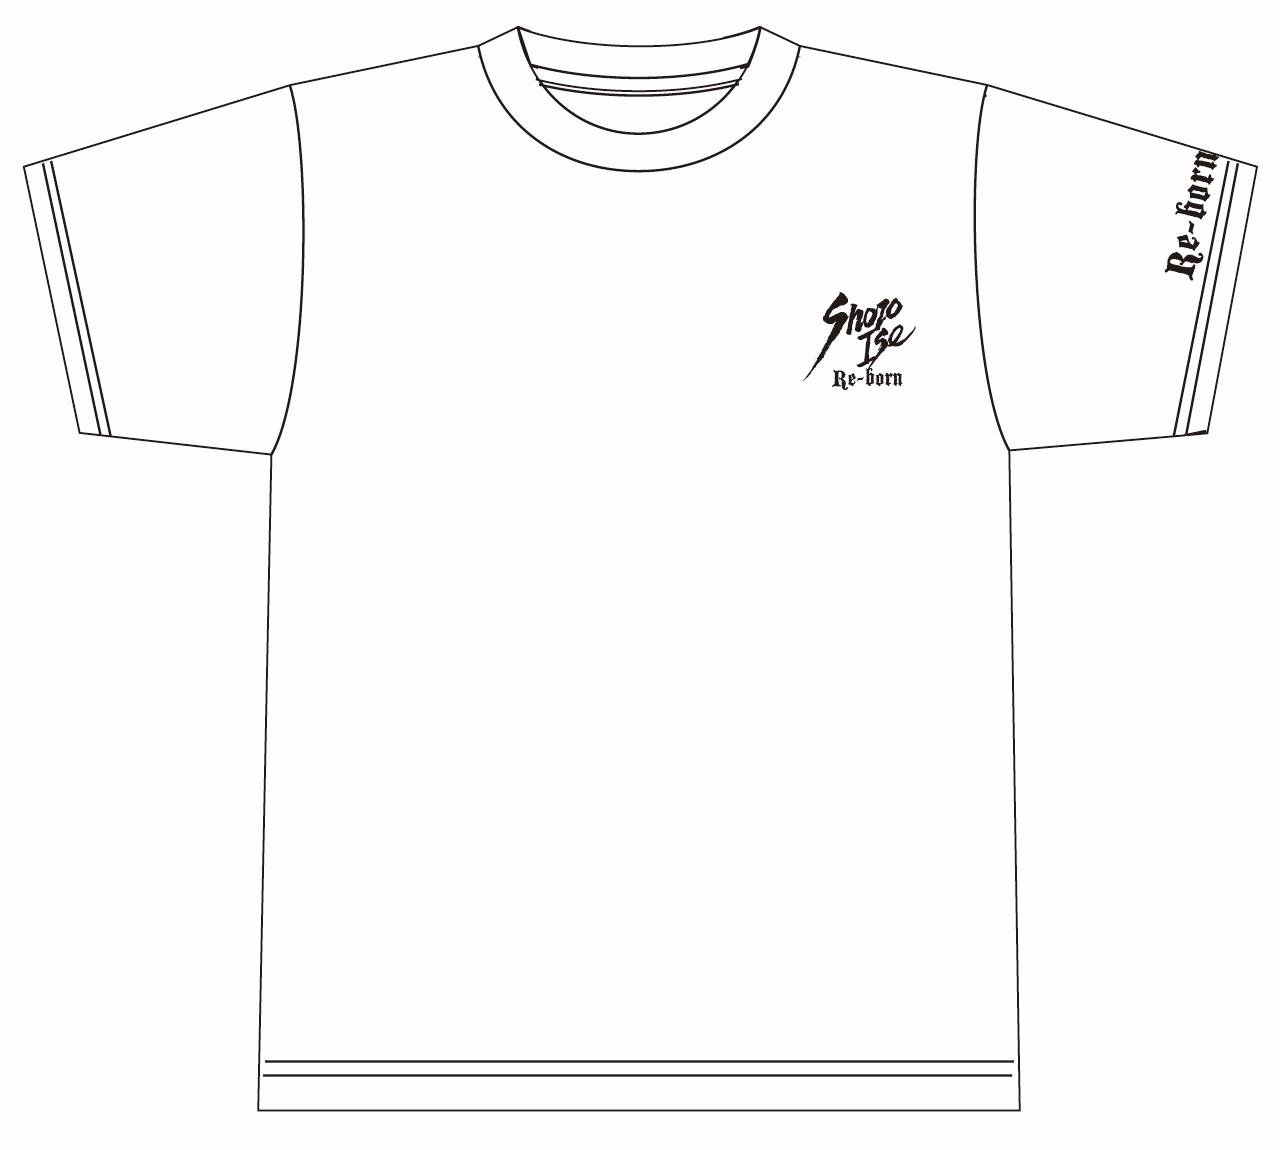 伊勢正三 2019 Re-bornTシャツ【WHITE】